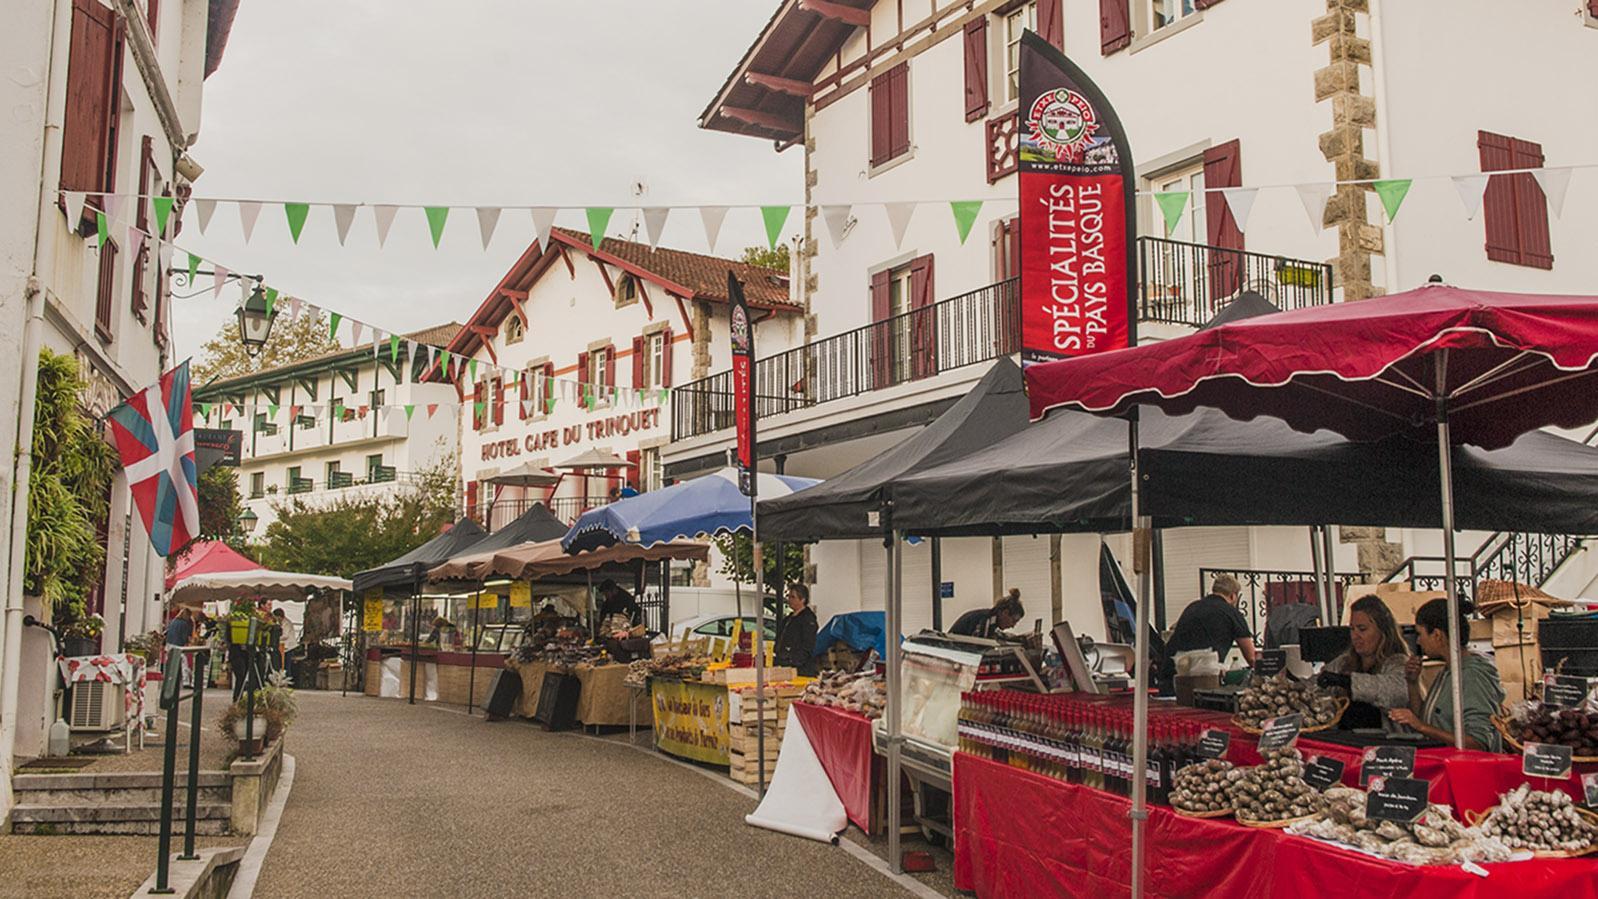 Gâteau-Basque-Wettbewerb: Sechs Kuchentische warten auf die Juroren. Foto: Hilke Maunder